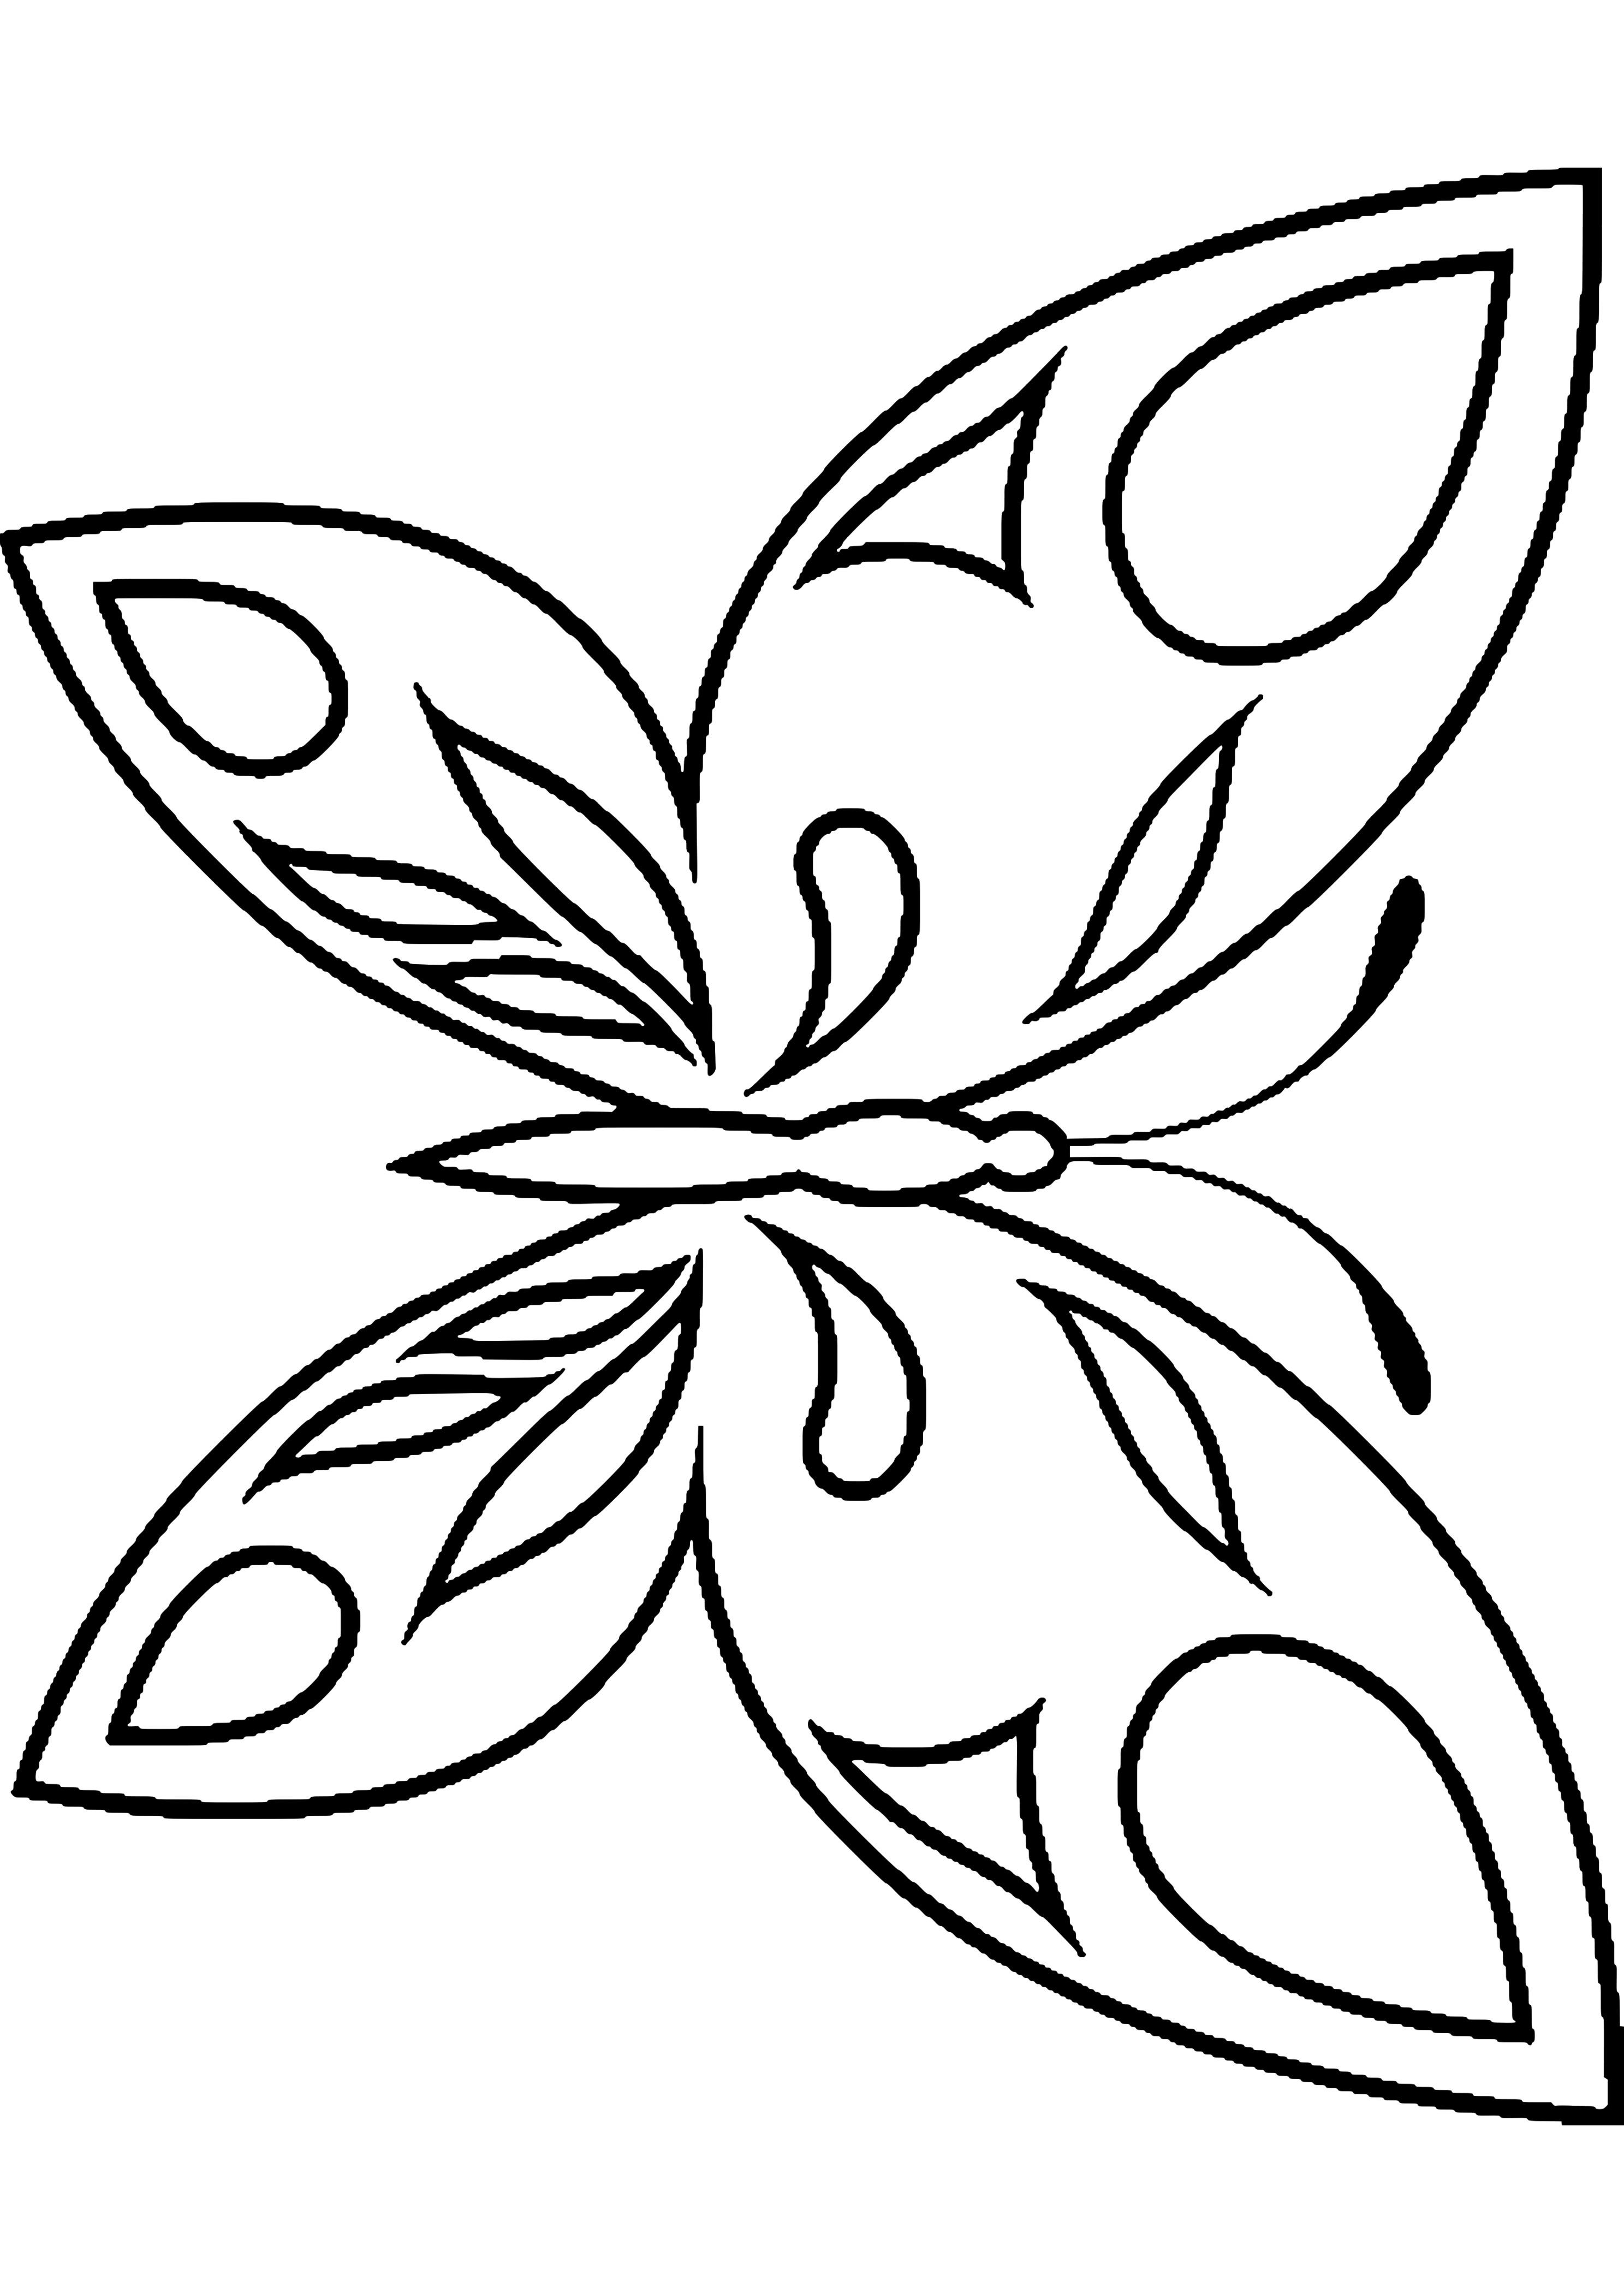 Mandalas Zum Ausmalen Schmetterling Das Beste Von Ausmalbilder Schmetterling Vorlagen Das Bild